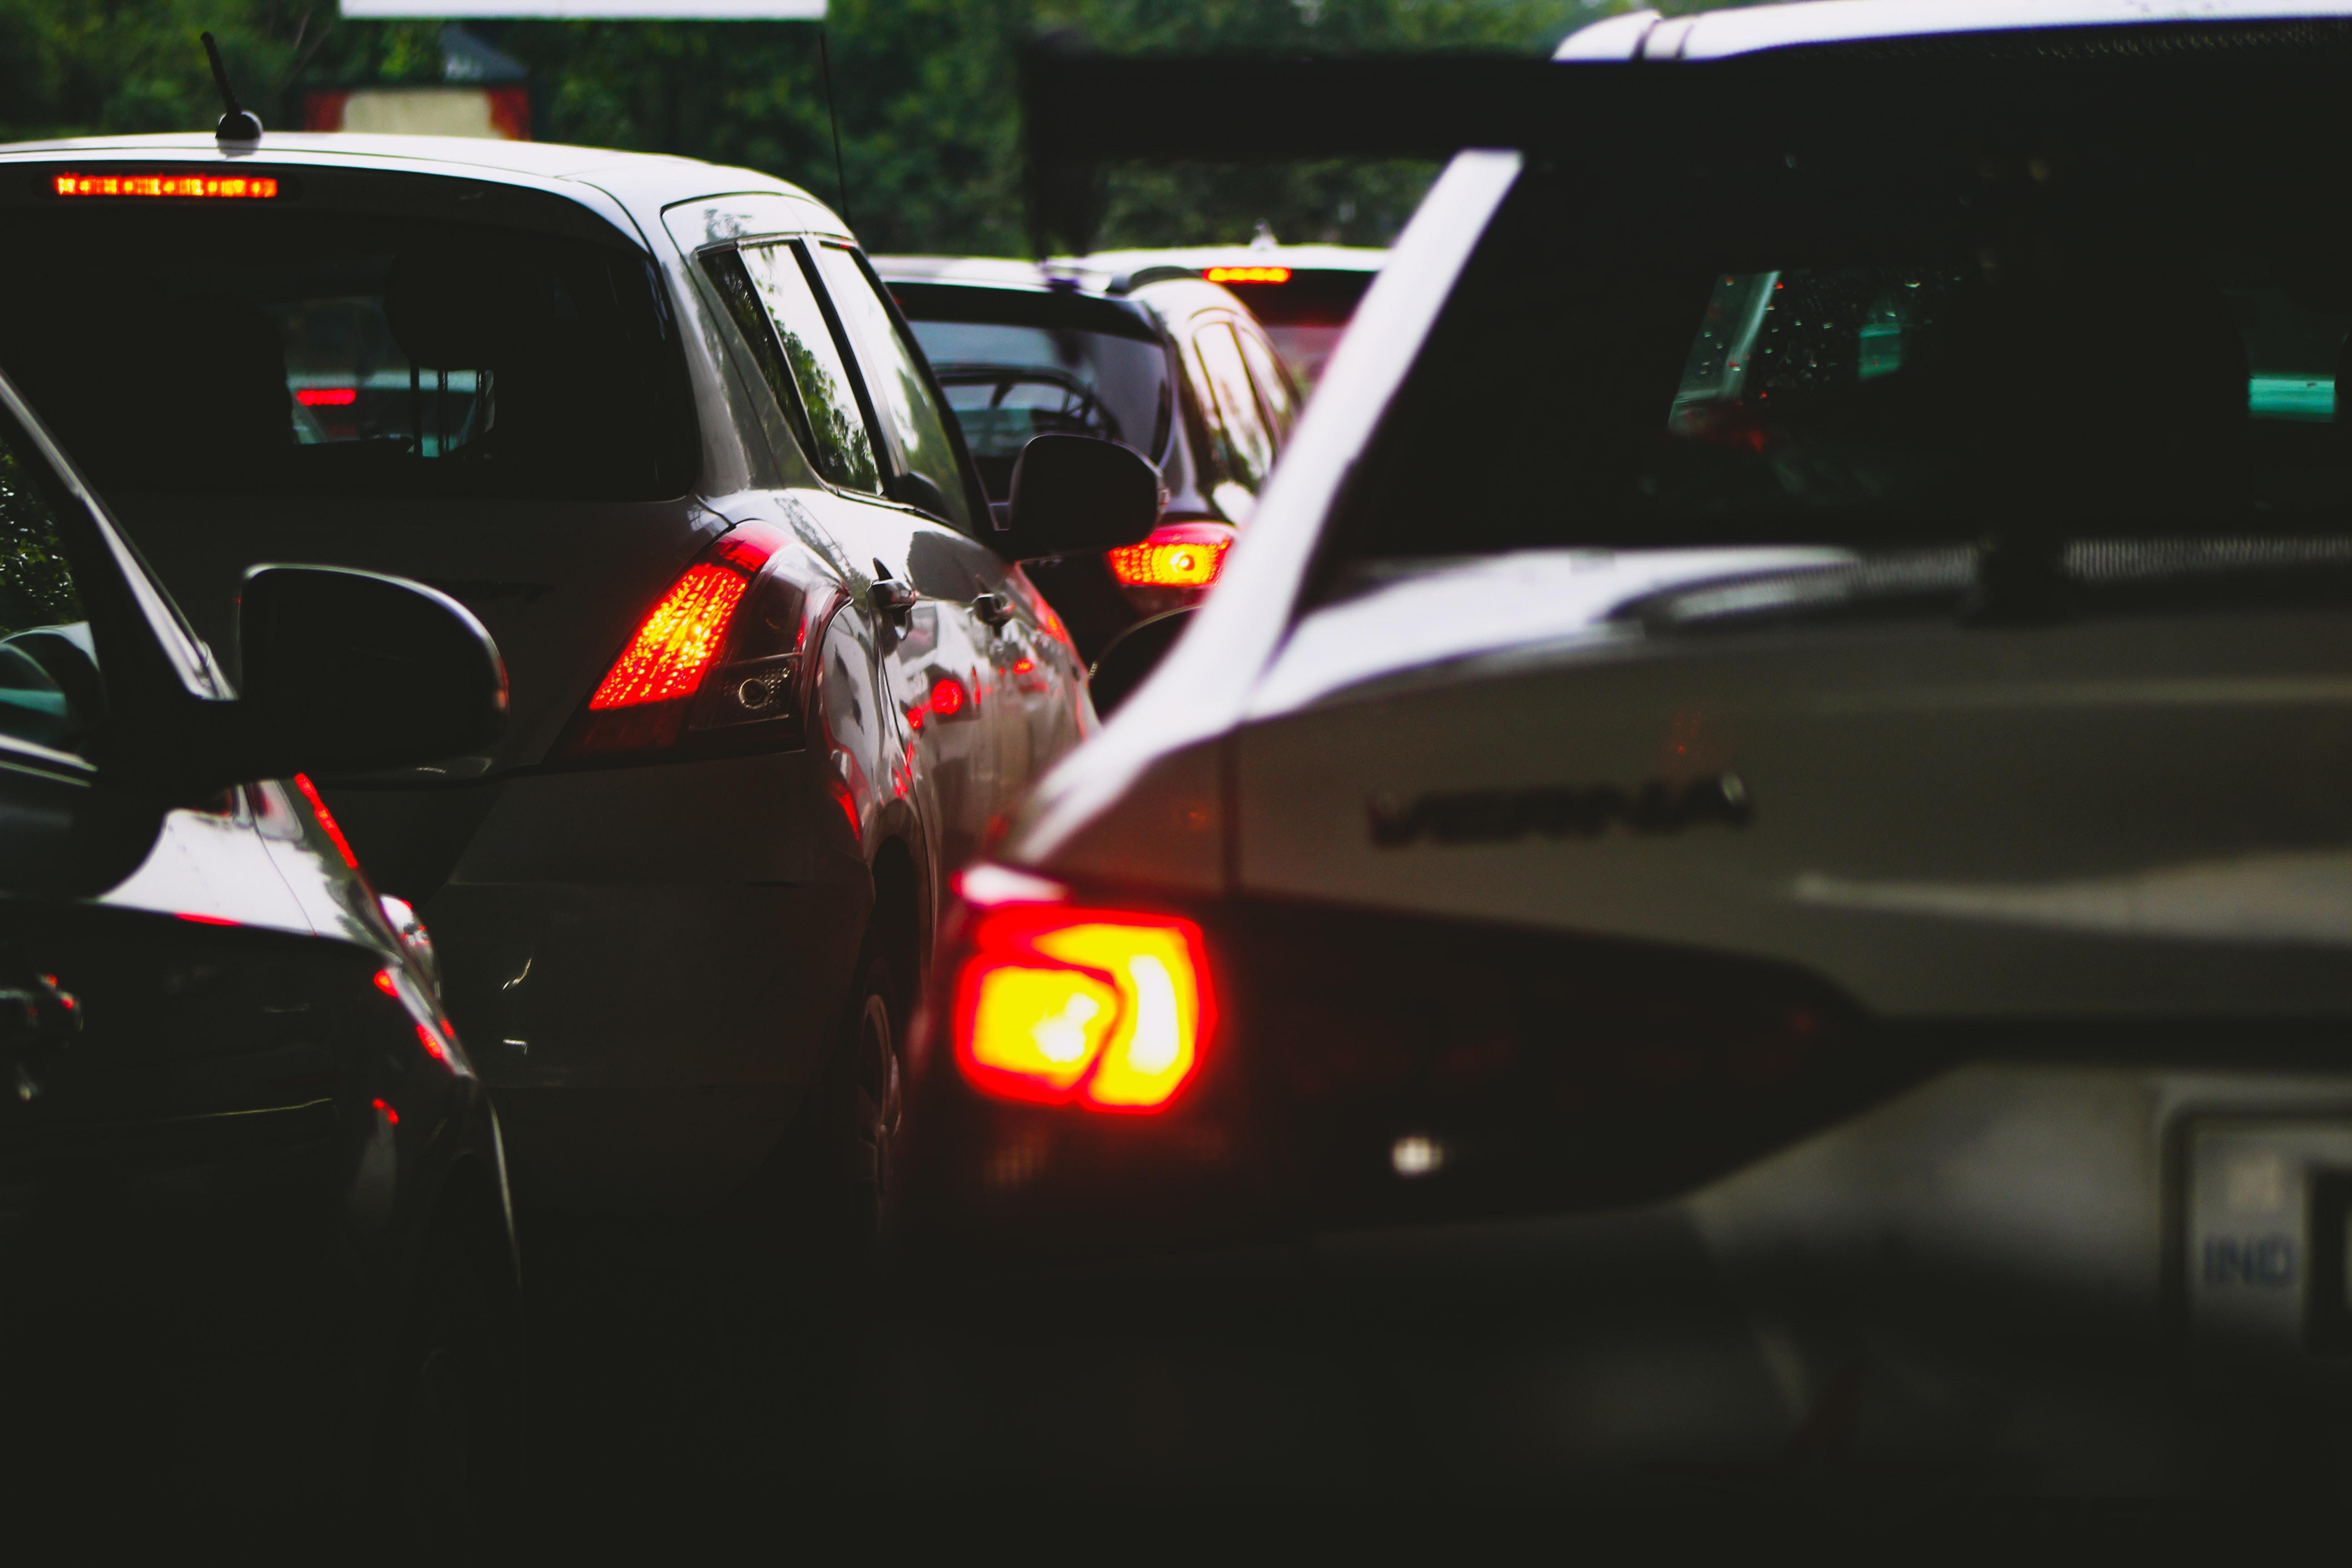 Ciudades analizan nuevas formas para disminuir el tráfico: estudio